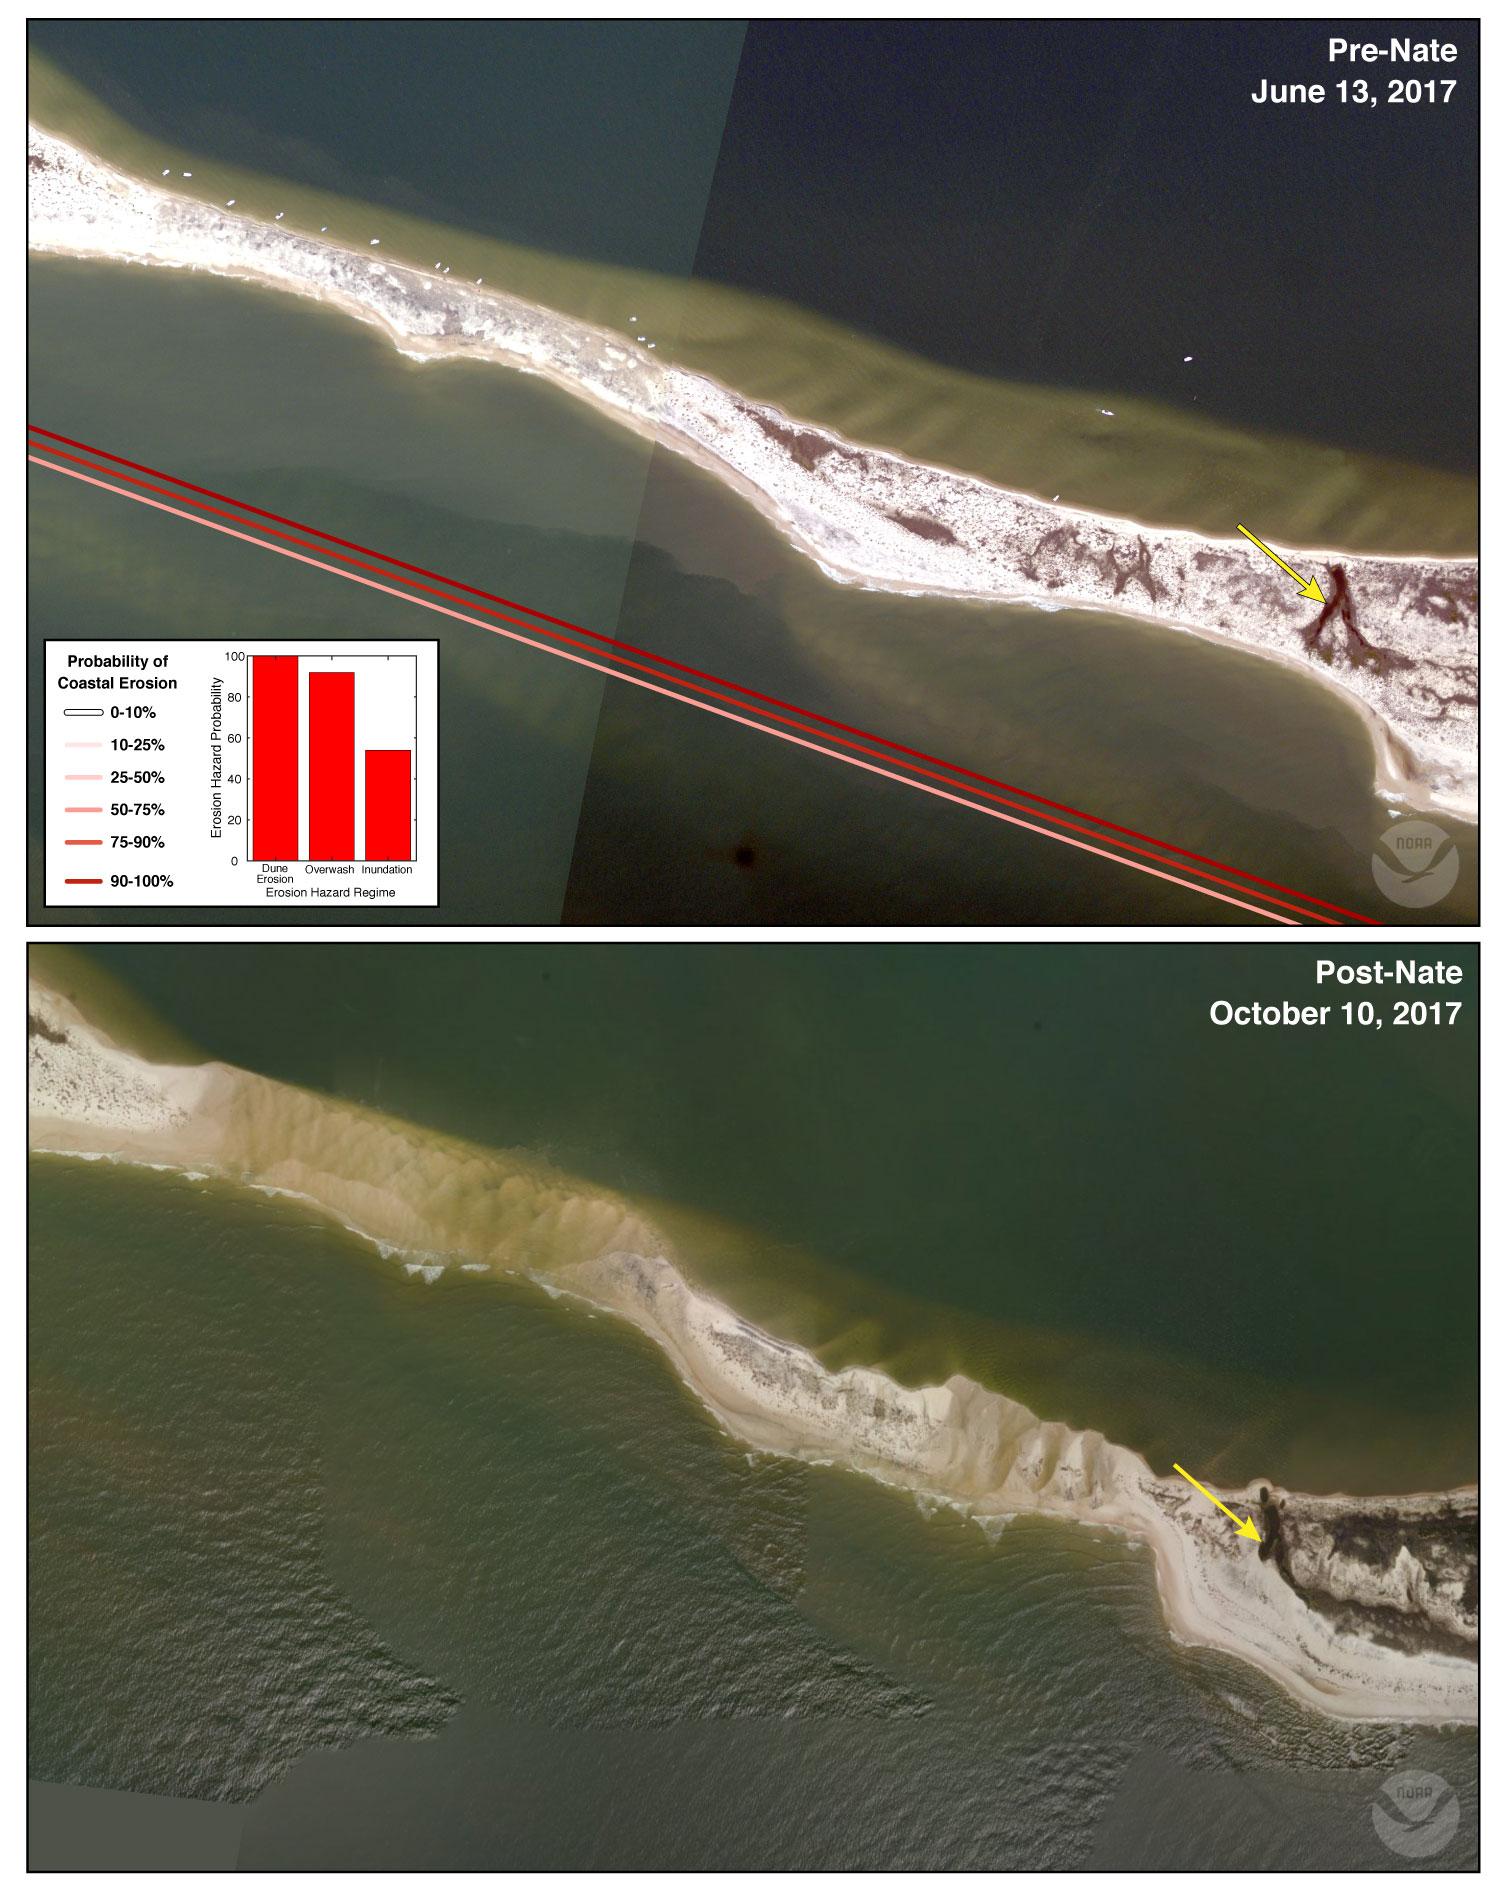 Hurricane Nate - National Assessment of National Assessment